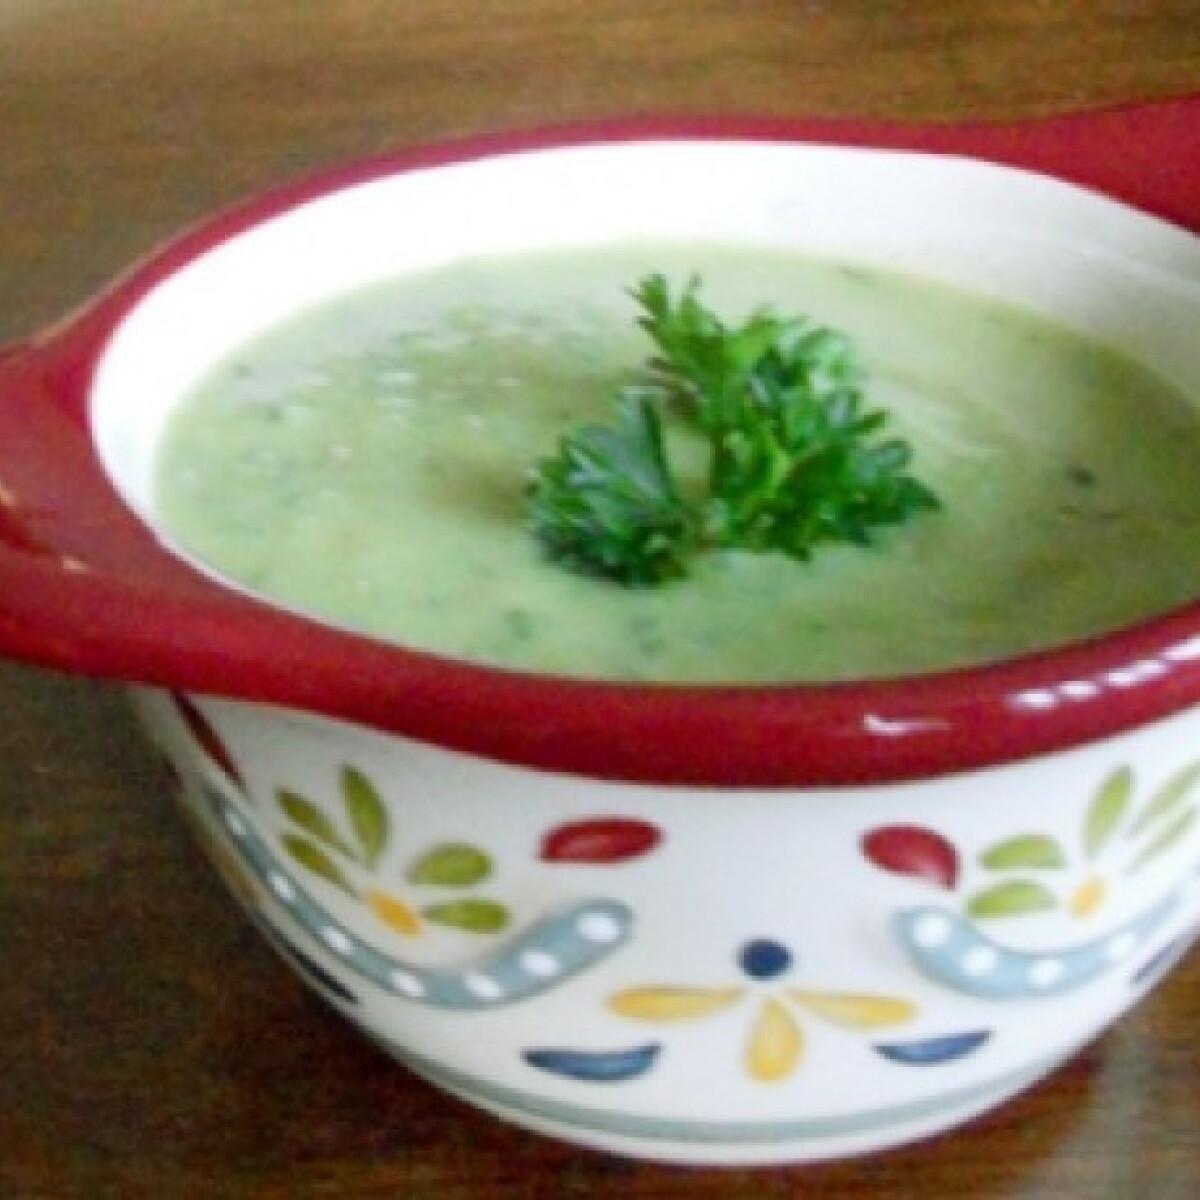 Ezen a képen: Zöld krémleves Boribon konyhájából